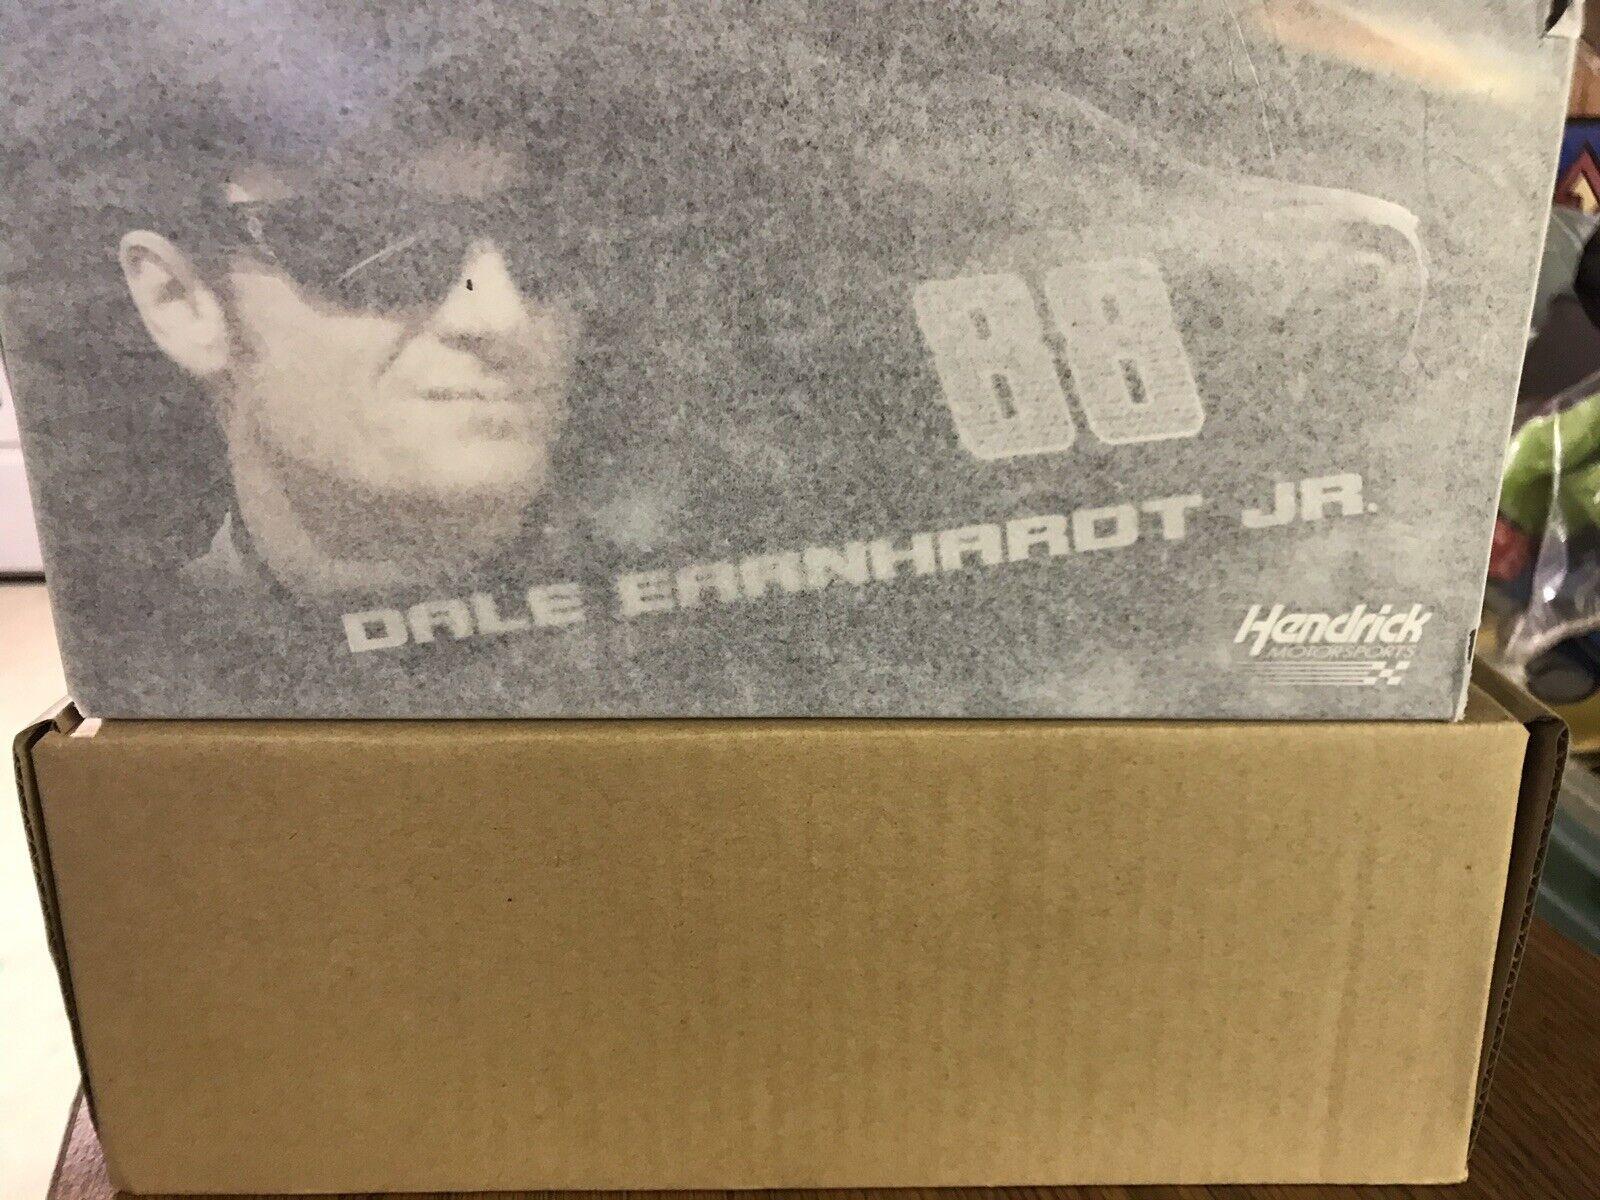 2015 Dale Earnhardt Jr nouveau in Box Dew  Shine Couleur chrome 1 24th HMS Chevy SS 1 de 372  acheter 100% de qualité authentique